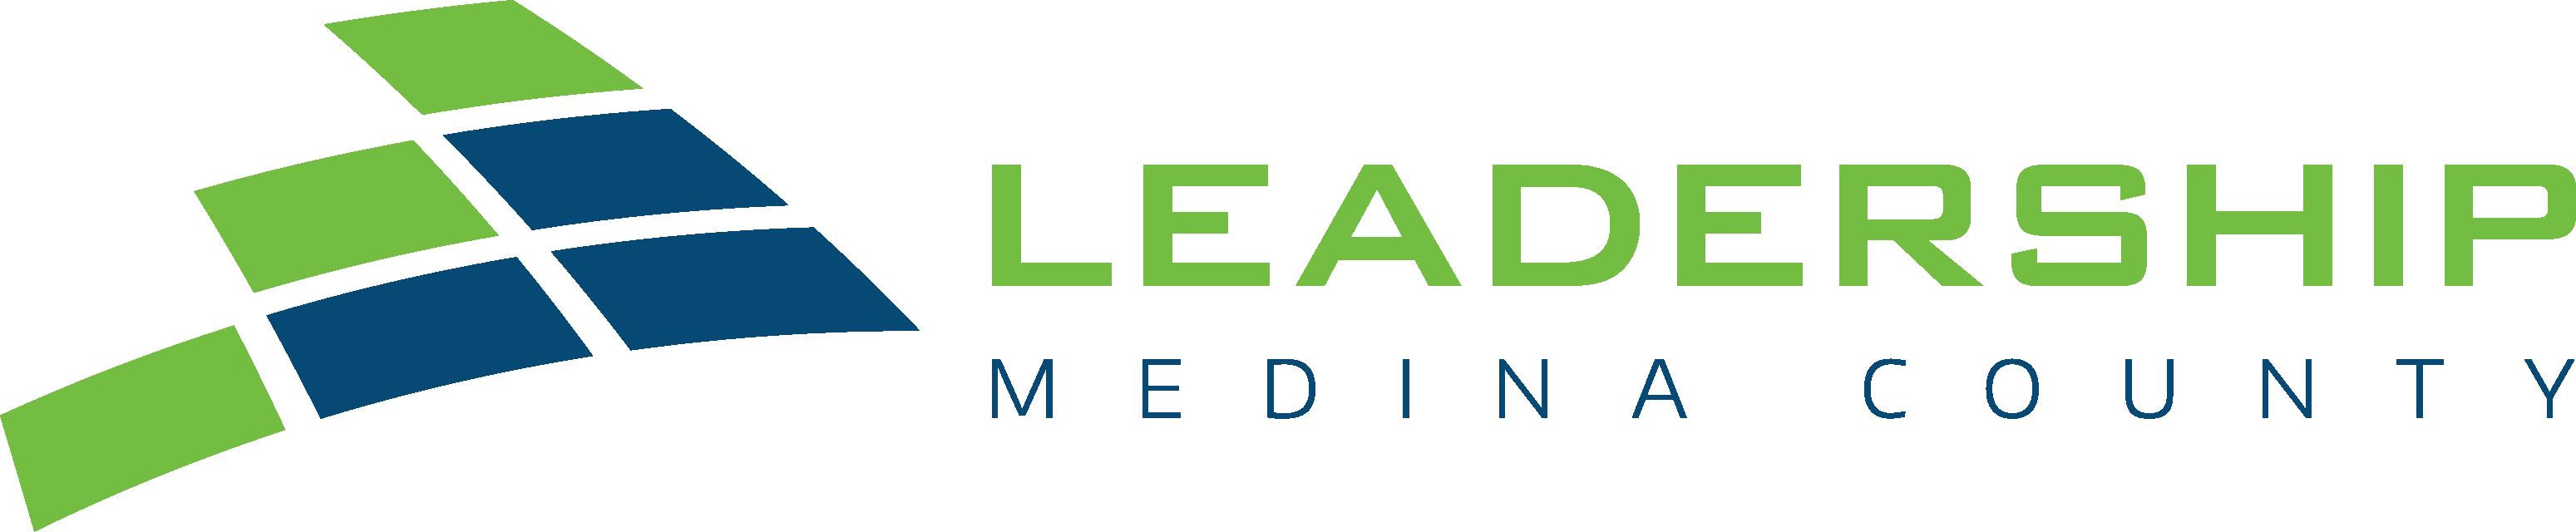 Leadership Medina County